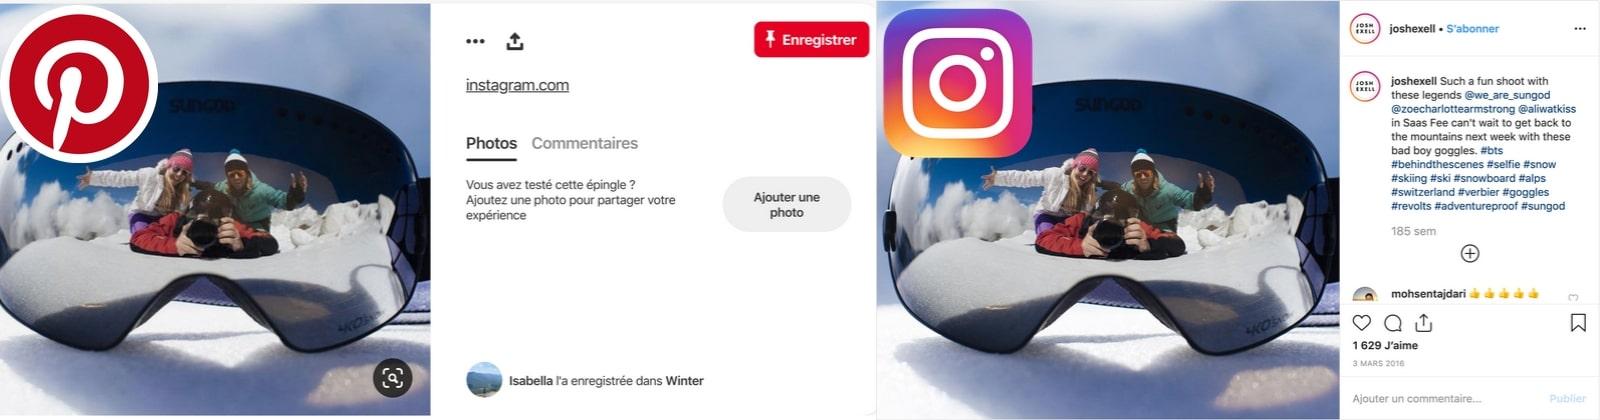 pinterest instagram